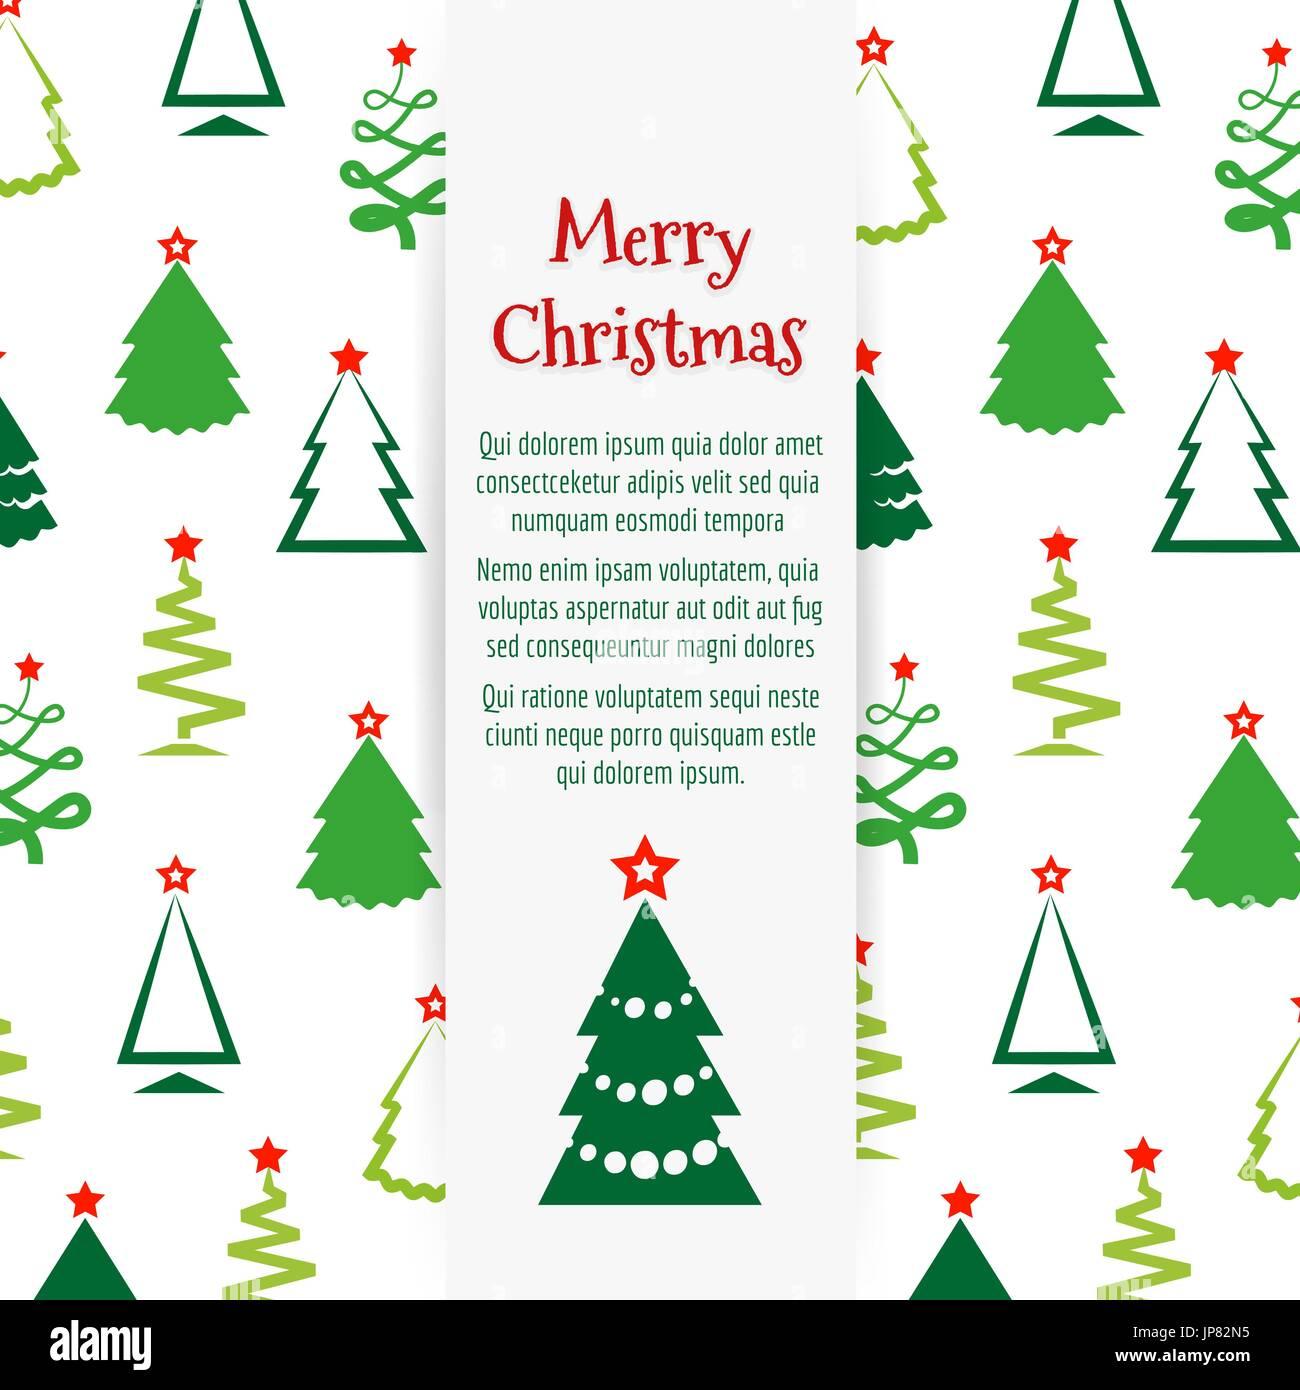 Großartig Weihnachtsbaum Ausschnitt Vorlage Galerie - Beispiel ...